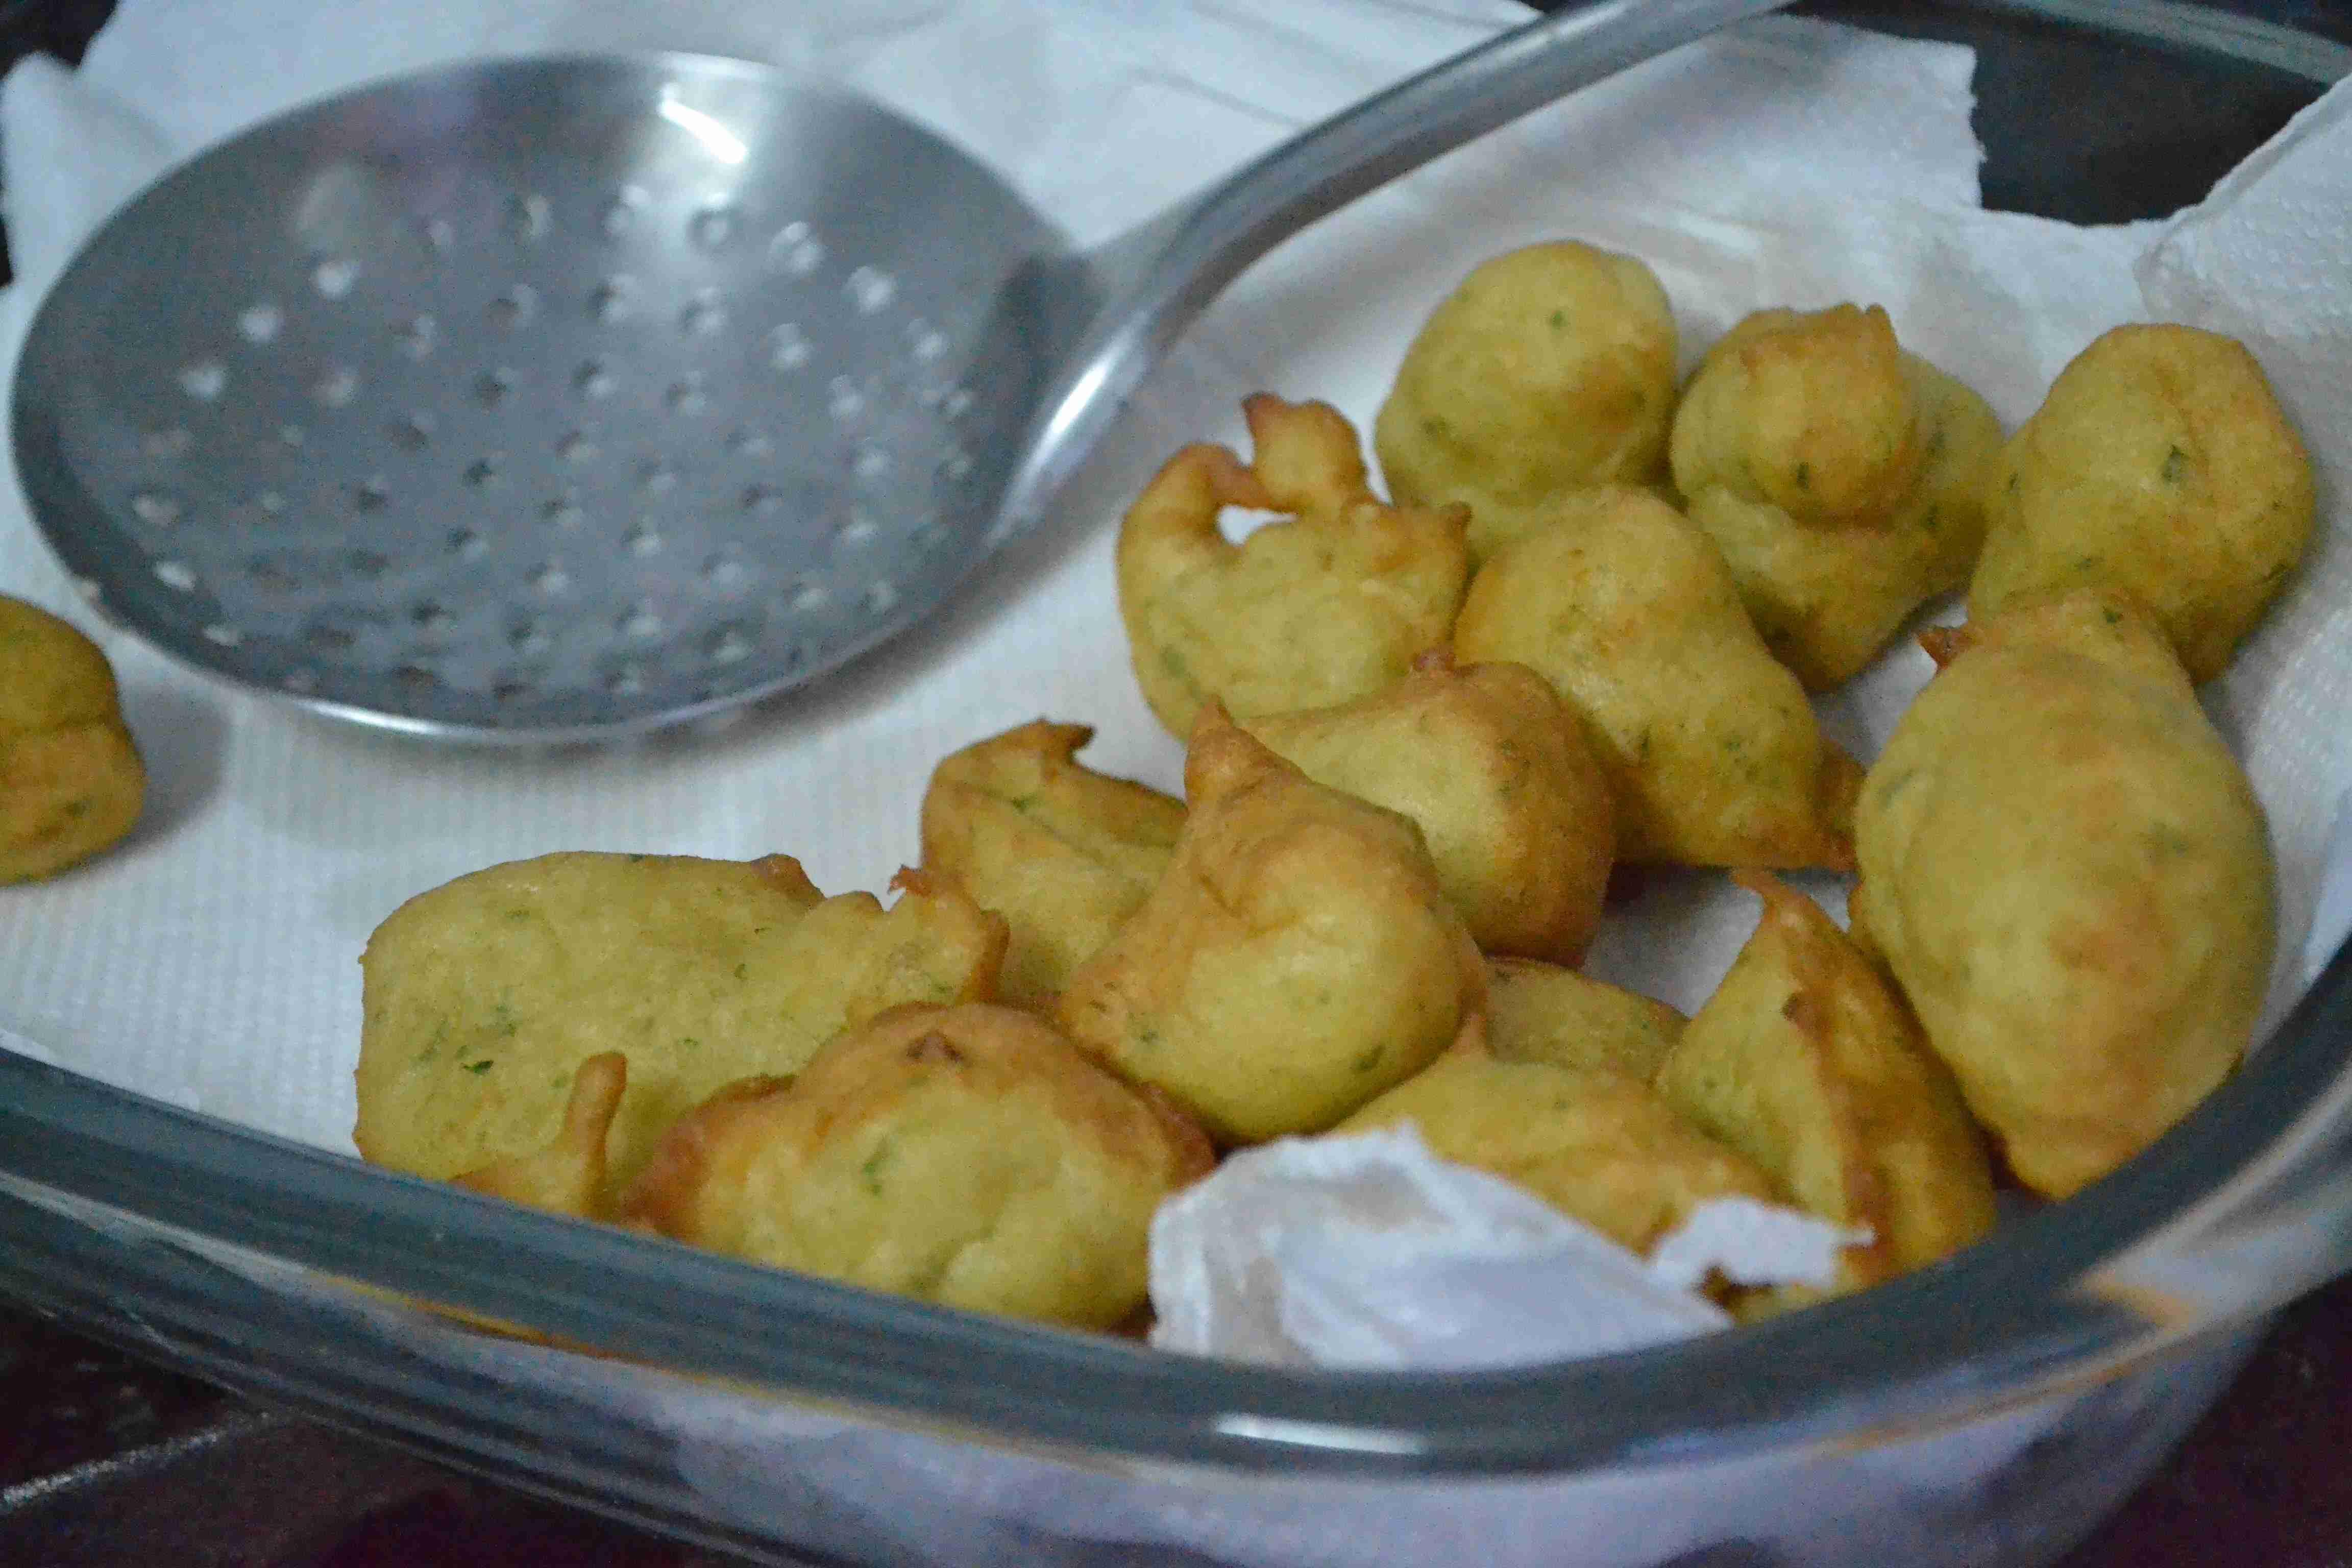 Cresans inicia mais um curso rápido de culinária (doces e salgados) (Fotos: Cláudio Gomes/PMC)